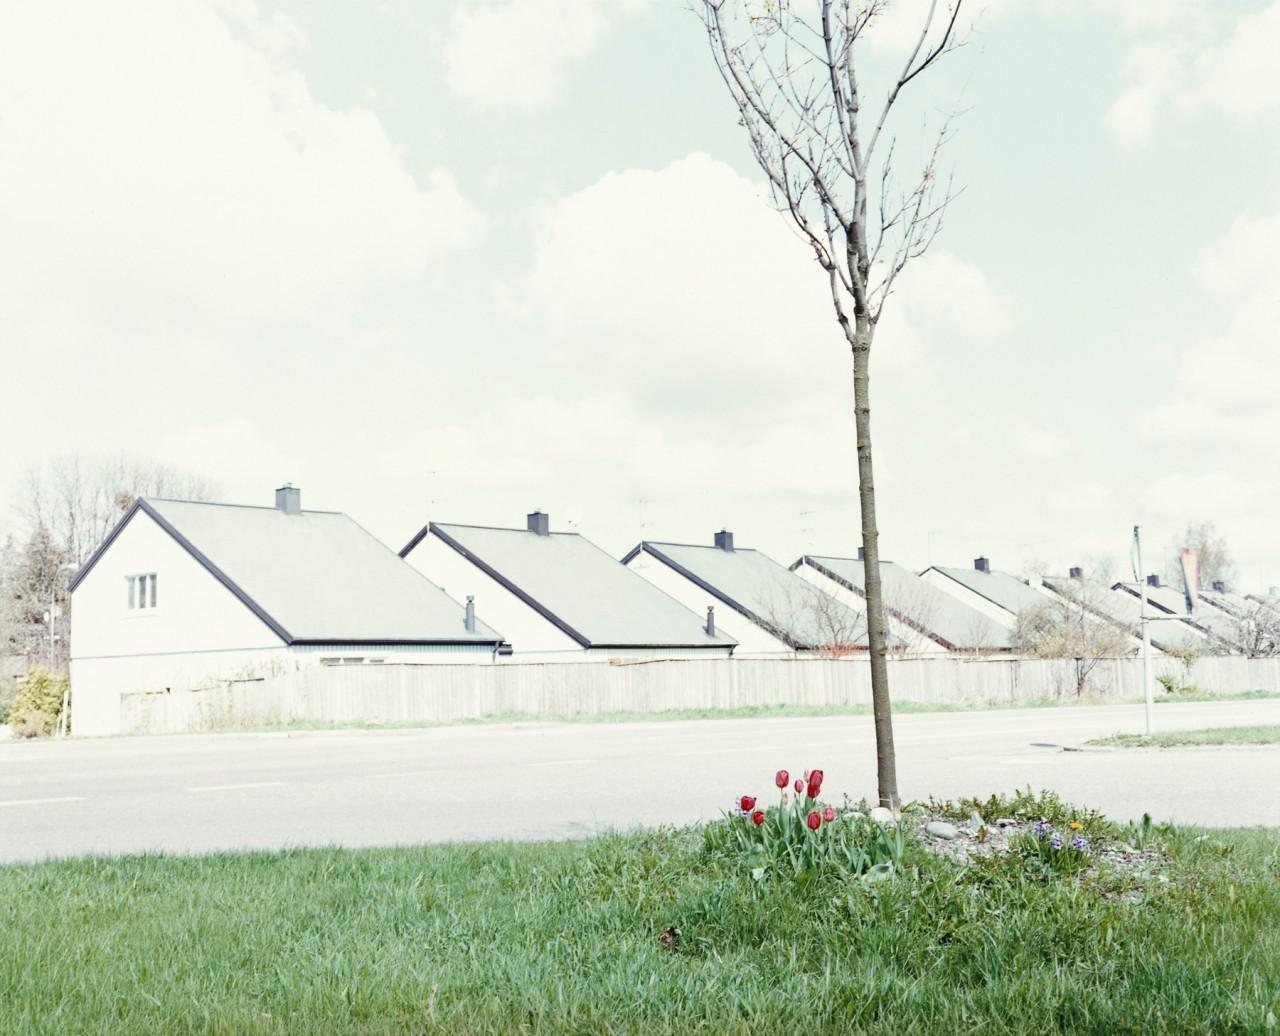 Из серии «Дом», Швеция. Фотограф Ларс Тунбьёрк